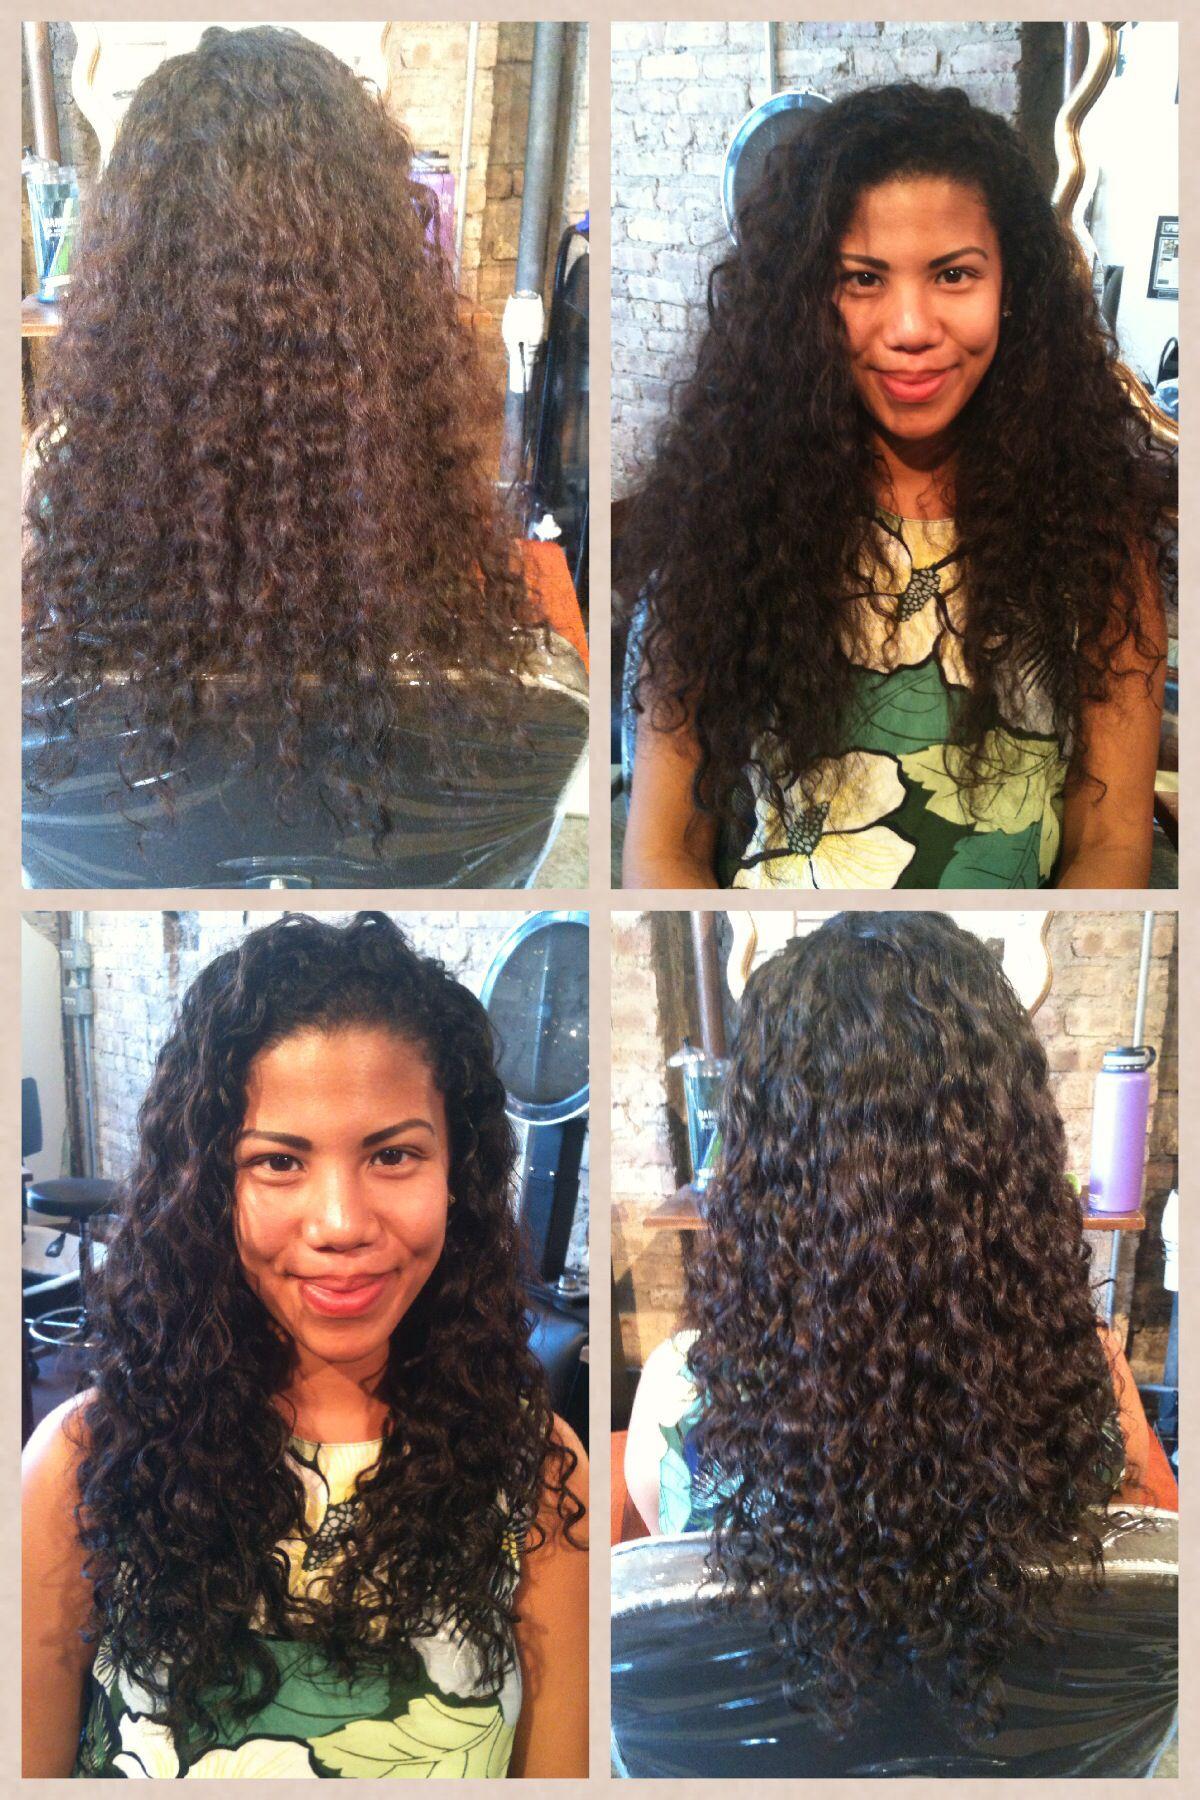 Deva Cut Before And After I Want A Deva Cut Curlspiration